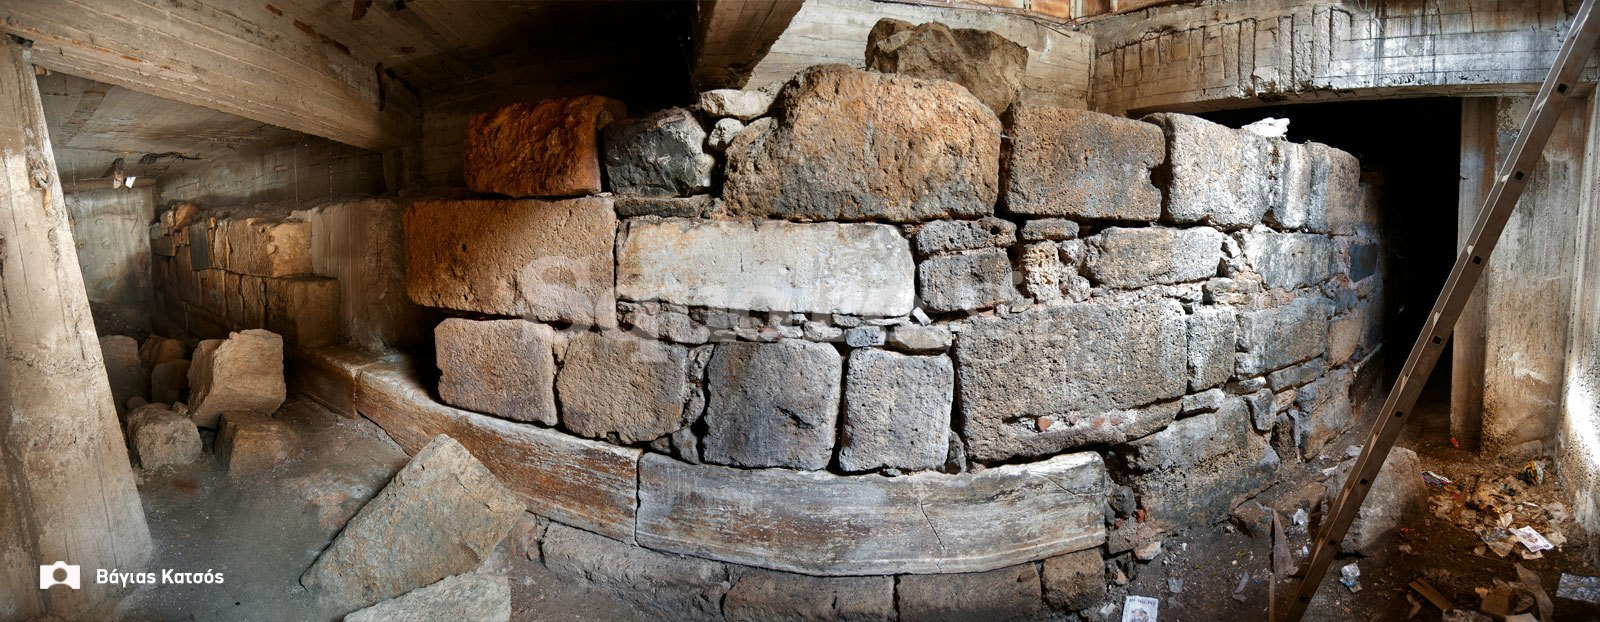 1-Ενετικό-μεσαιωνικό-τείχος-στα-παλιά-ΚΤΕΛ-1